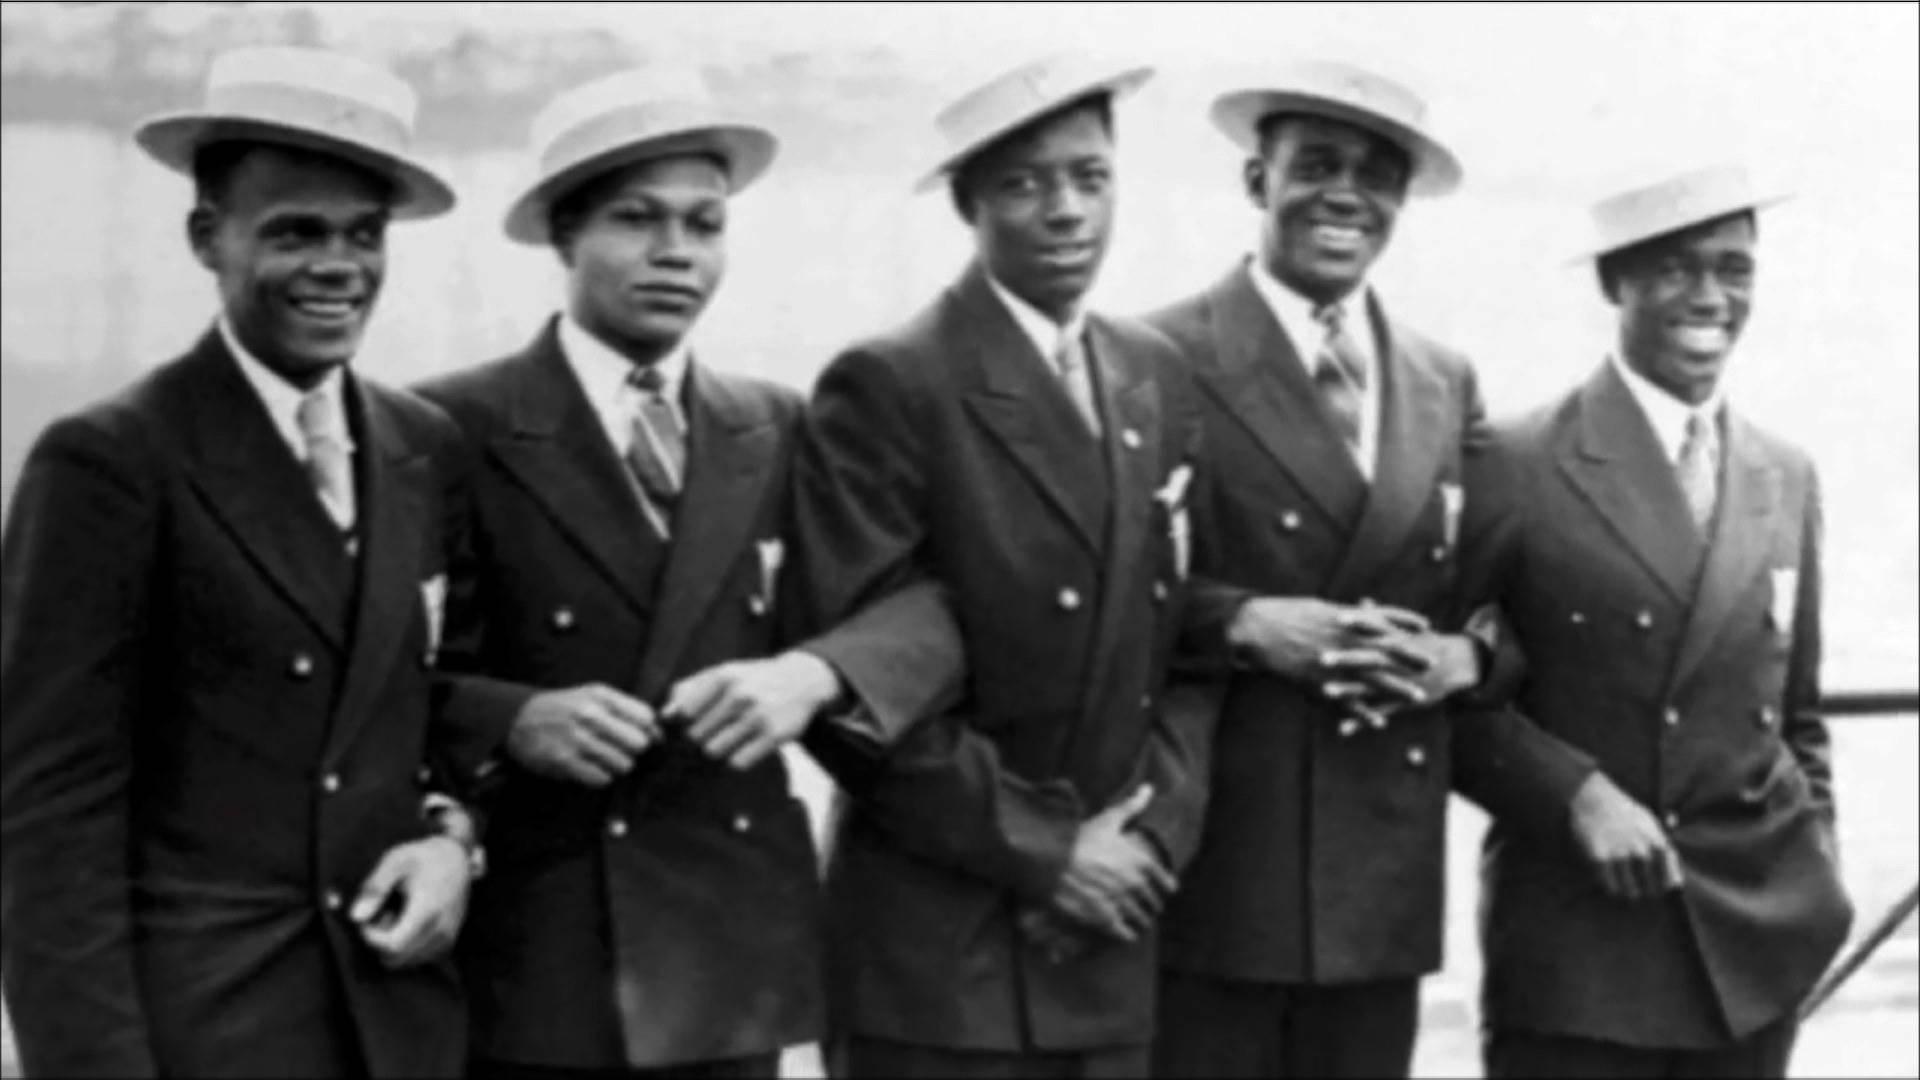 �olympic pride american prejudice� how 18 black